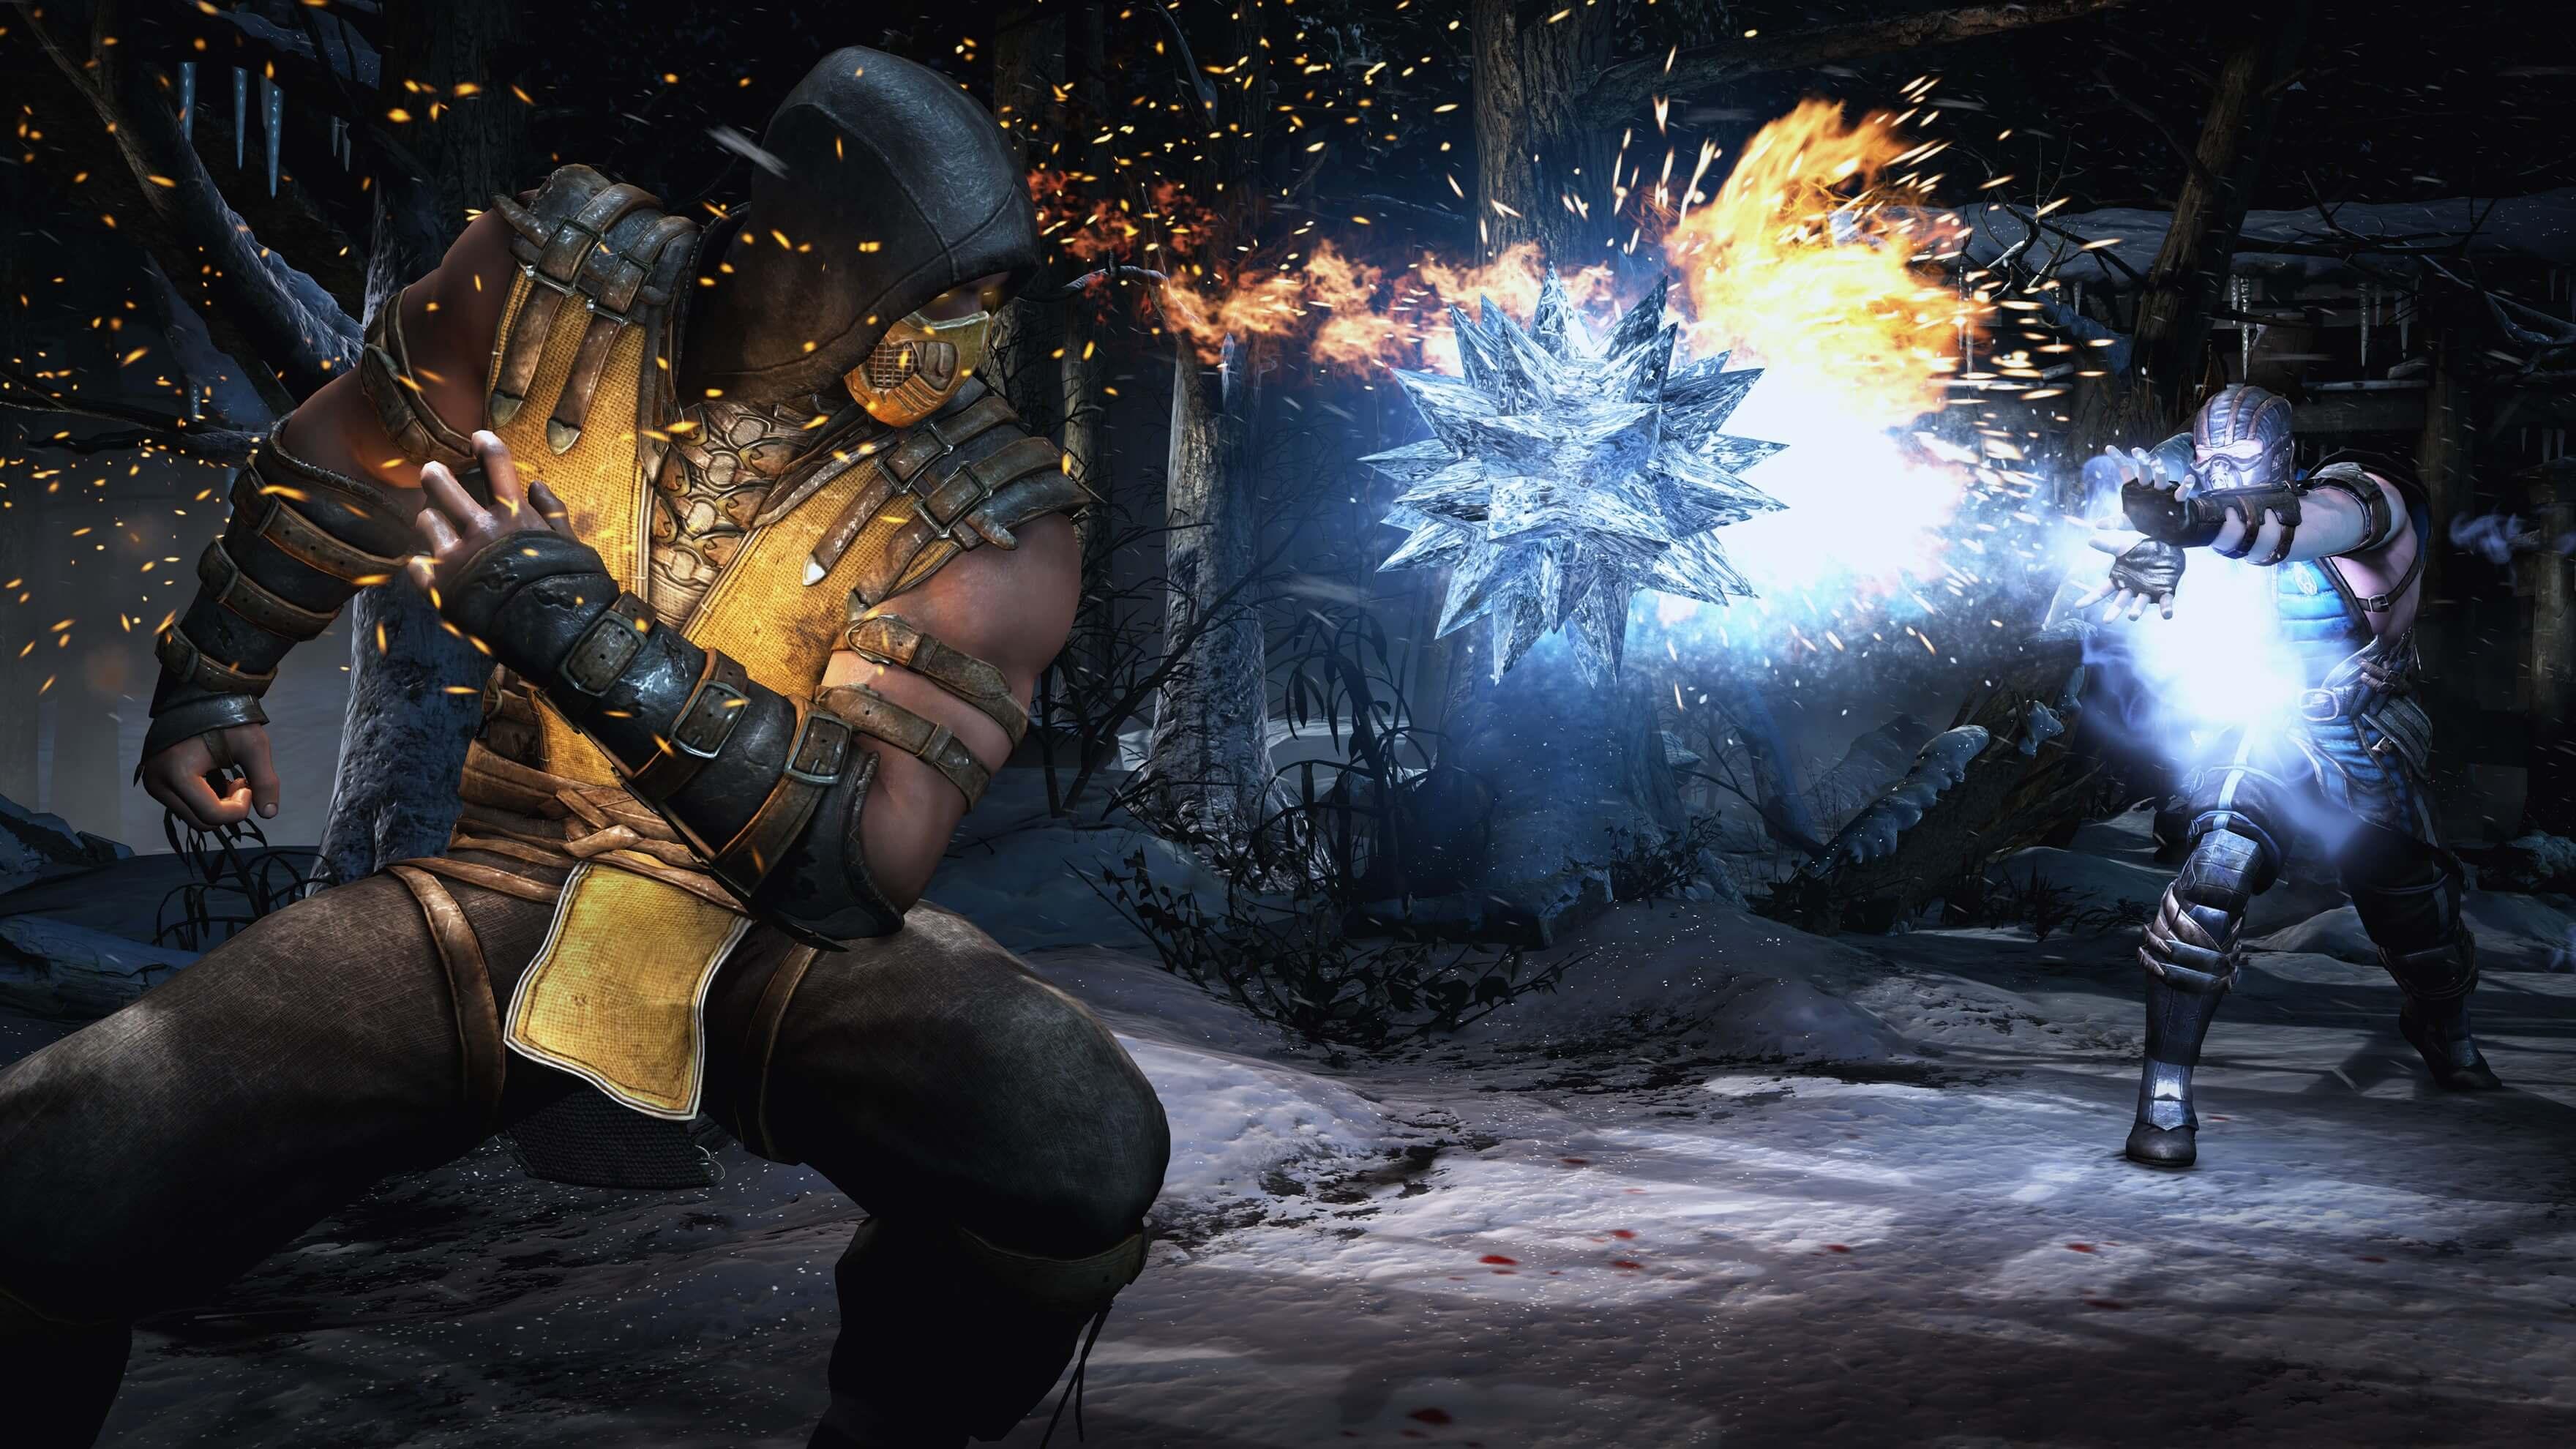 Mortal Kombat Pics